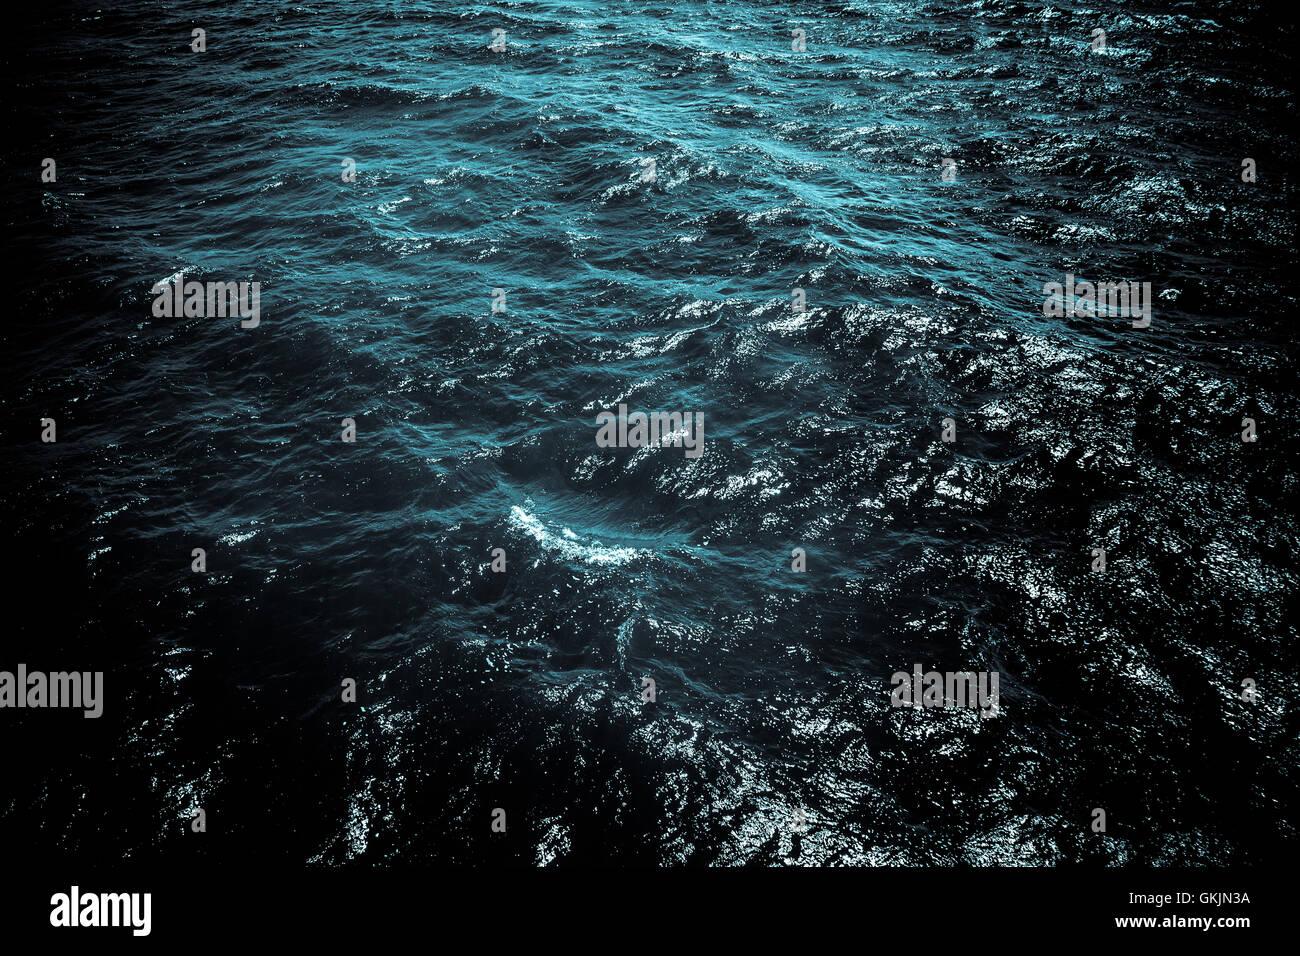 Dark ocean water with moonlight - Stock Image